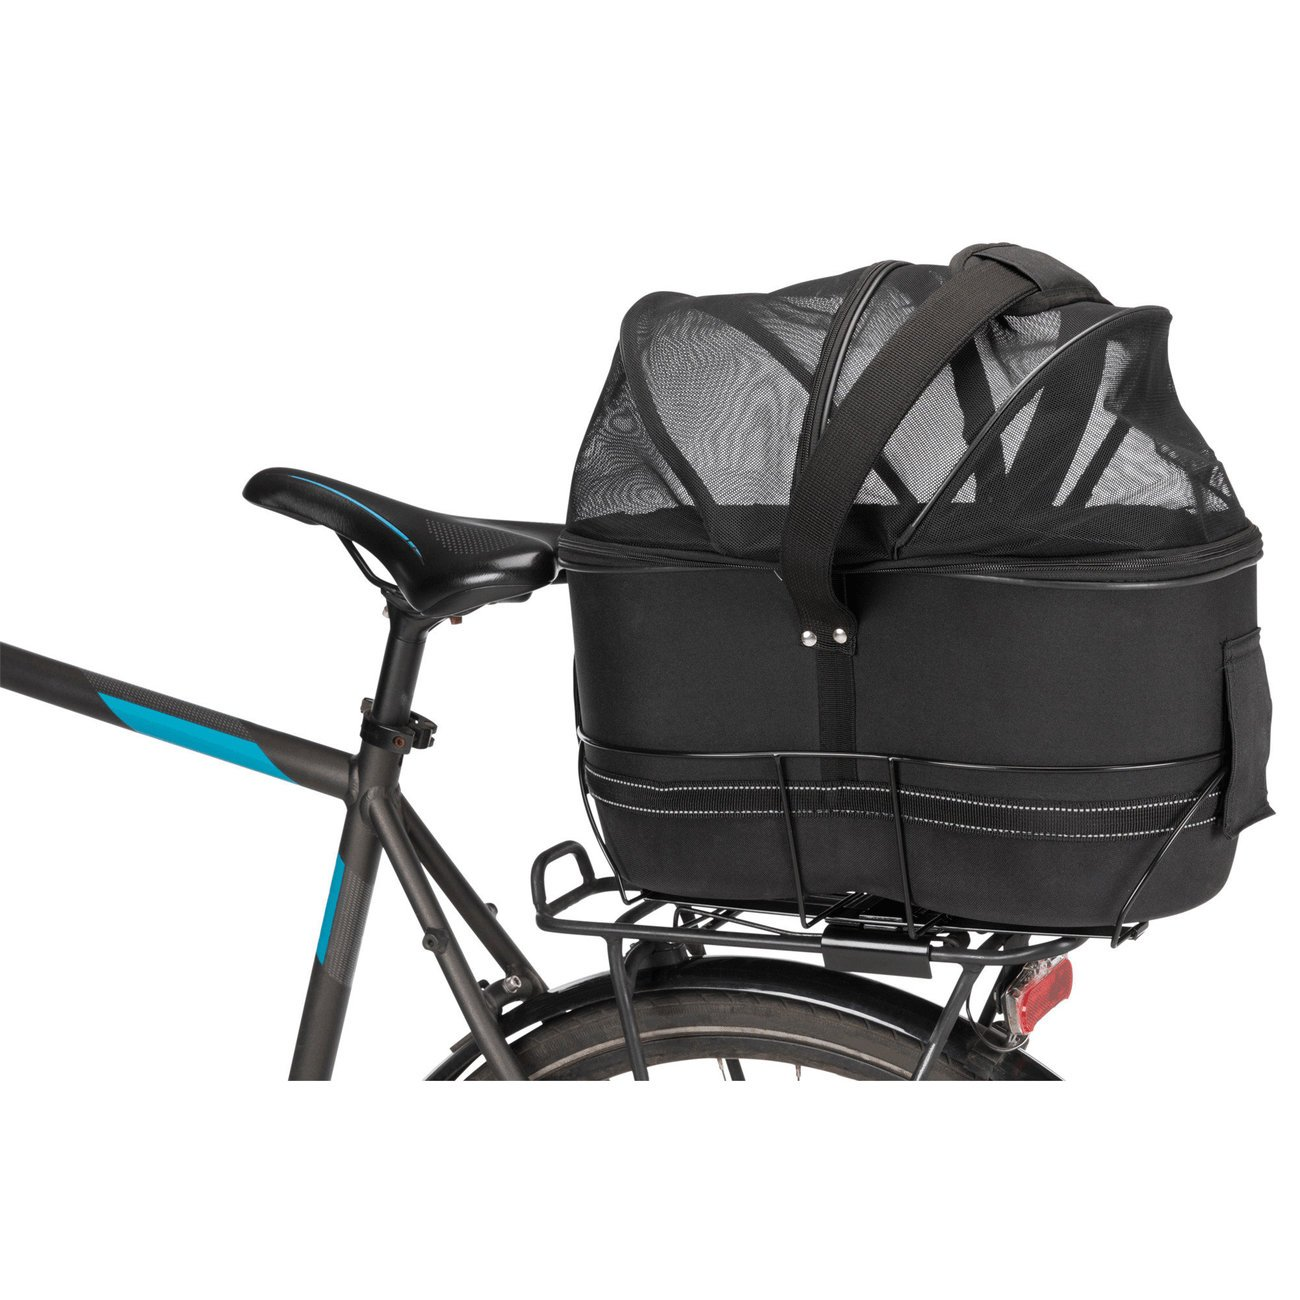 TRIXIE Hunde-Fahrradkorb für schmale Gepäckträger 13111, Bild 8